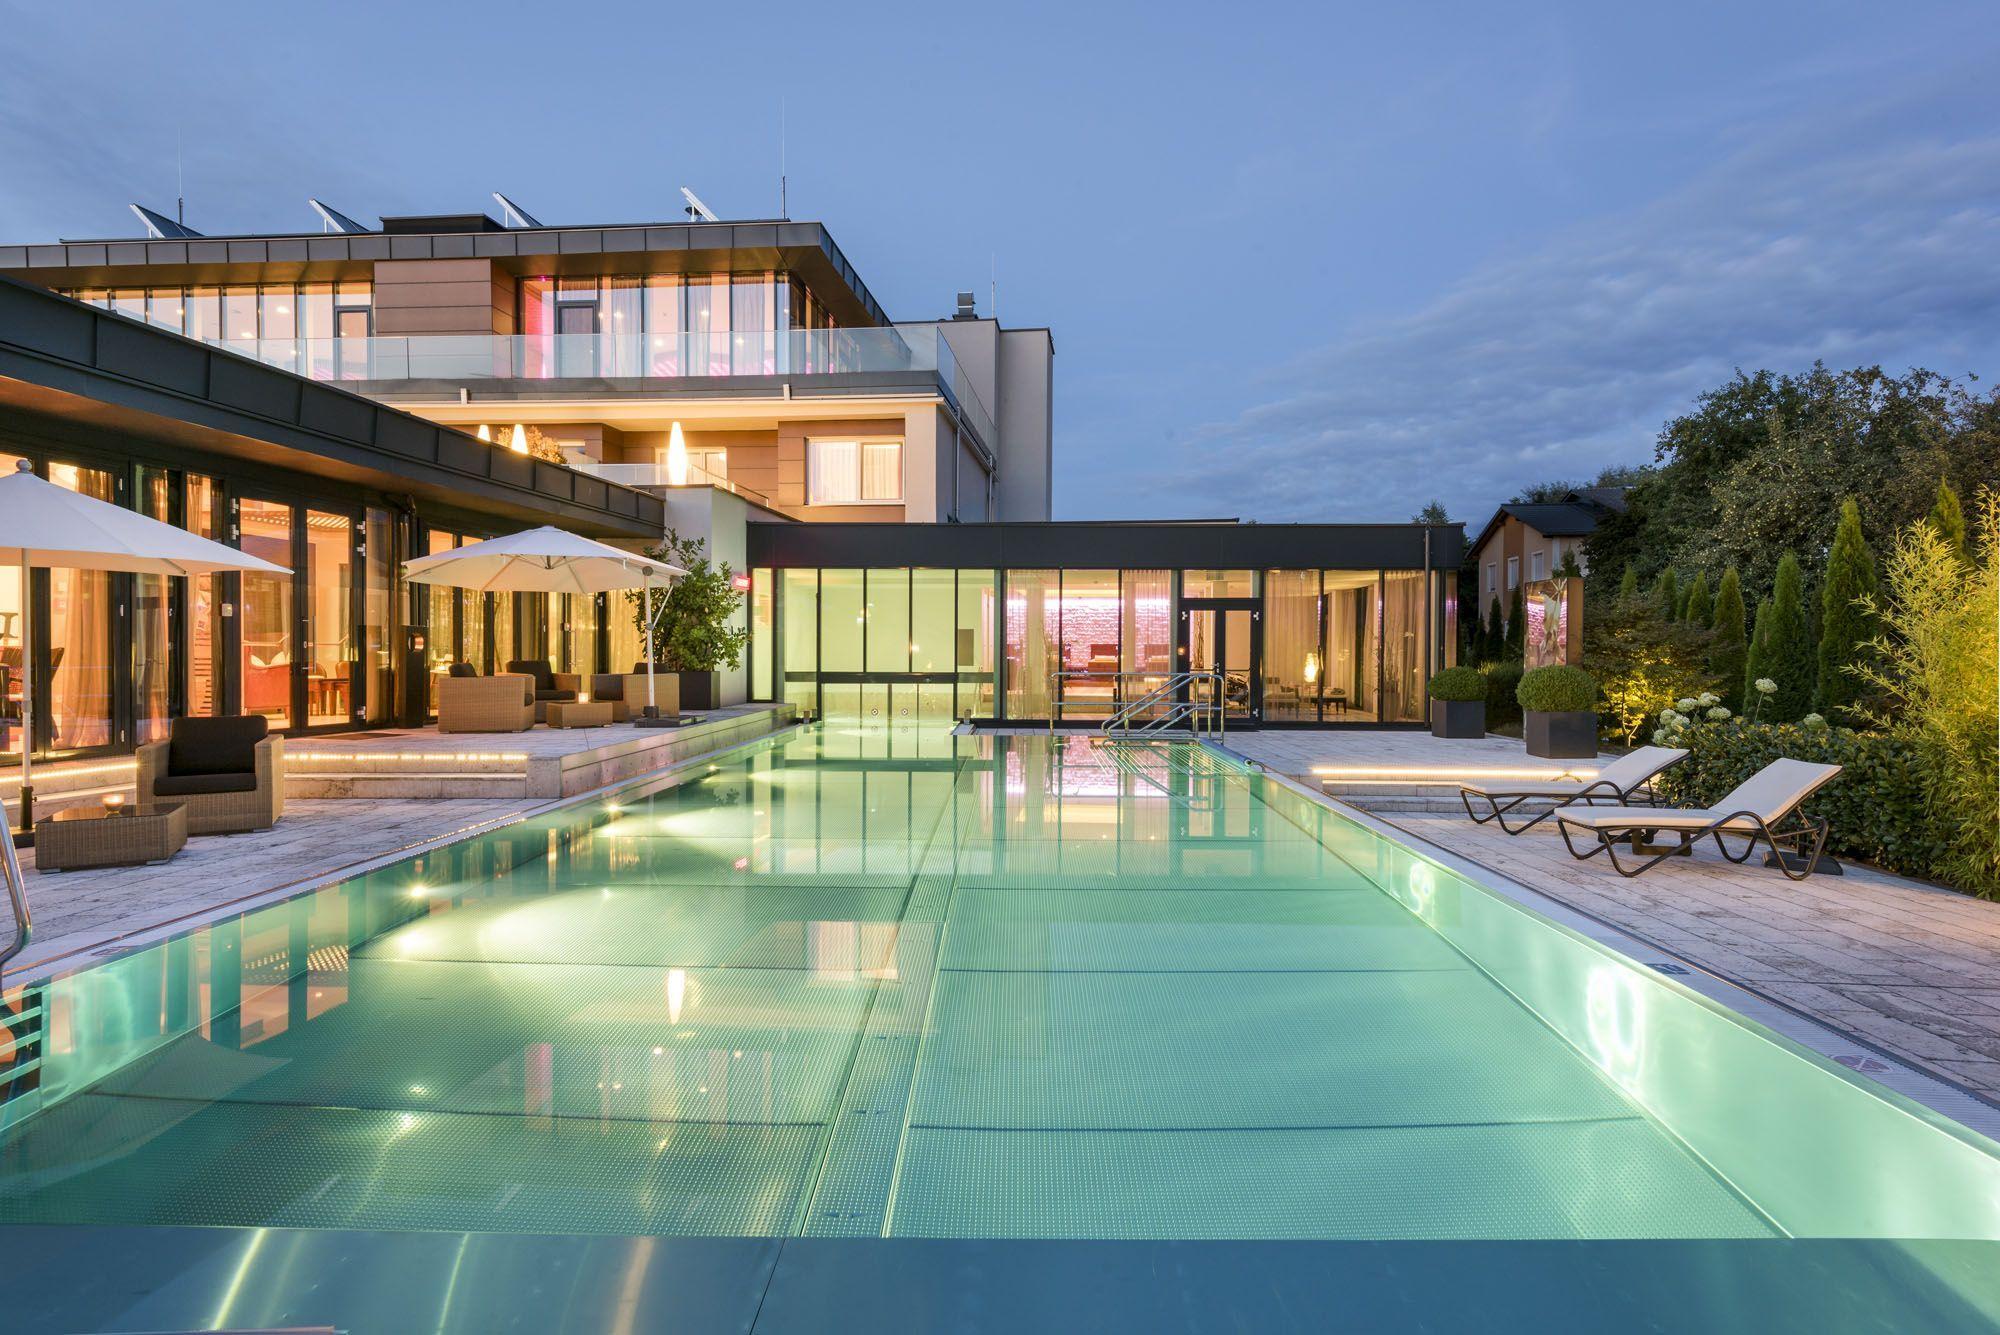 La location de villa de vacances est elle vraiment - Villa nefkens wageningen aux pays bas ...